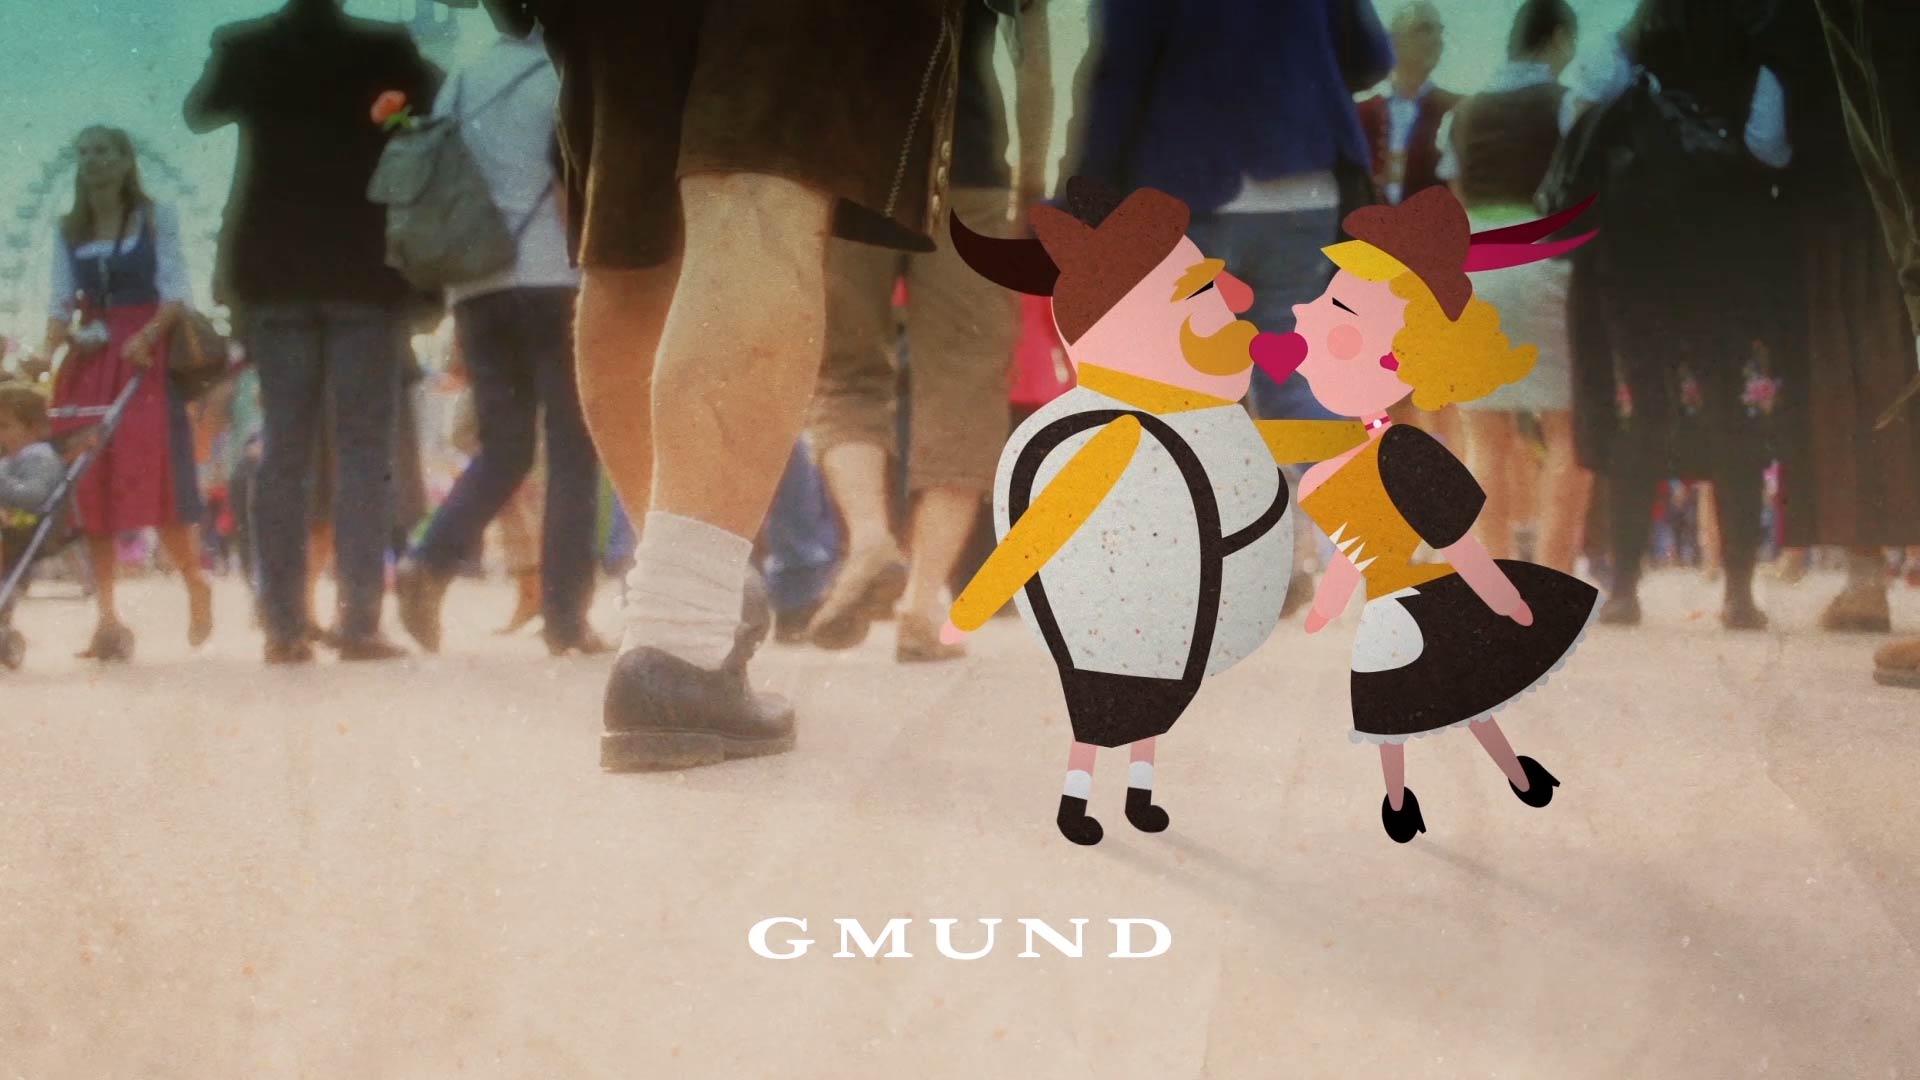 GMUND-Bier-Papier-8